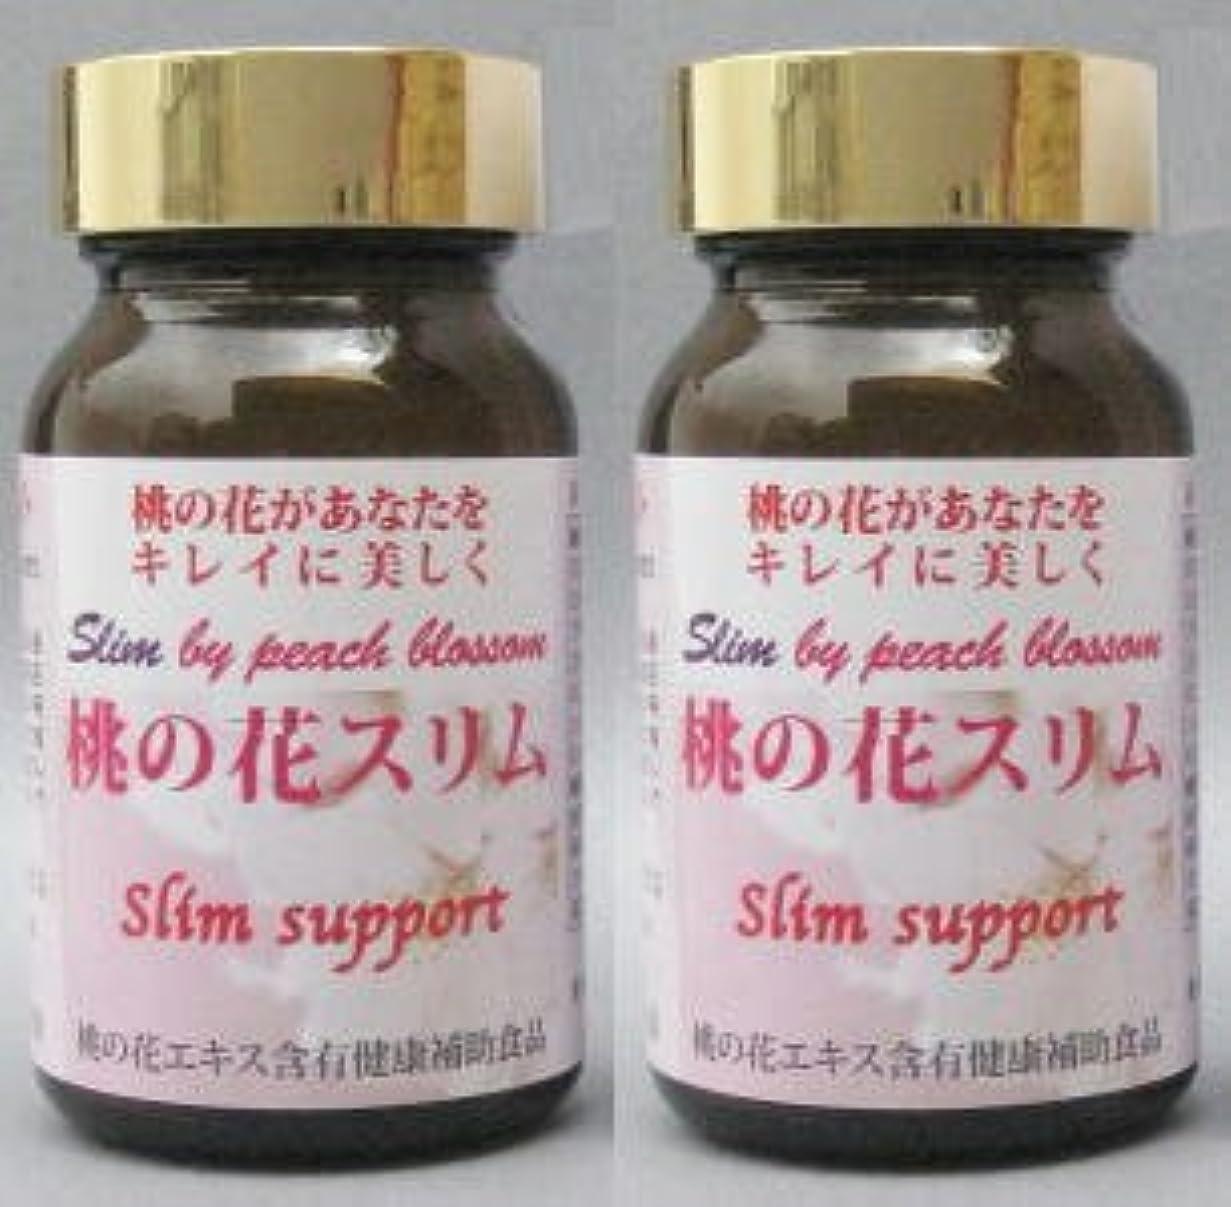 まろやかな郡すみませんSlim support 桃の花エキス含有健康補助食品 桃の花スリム 200mg×180粒 2箱